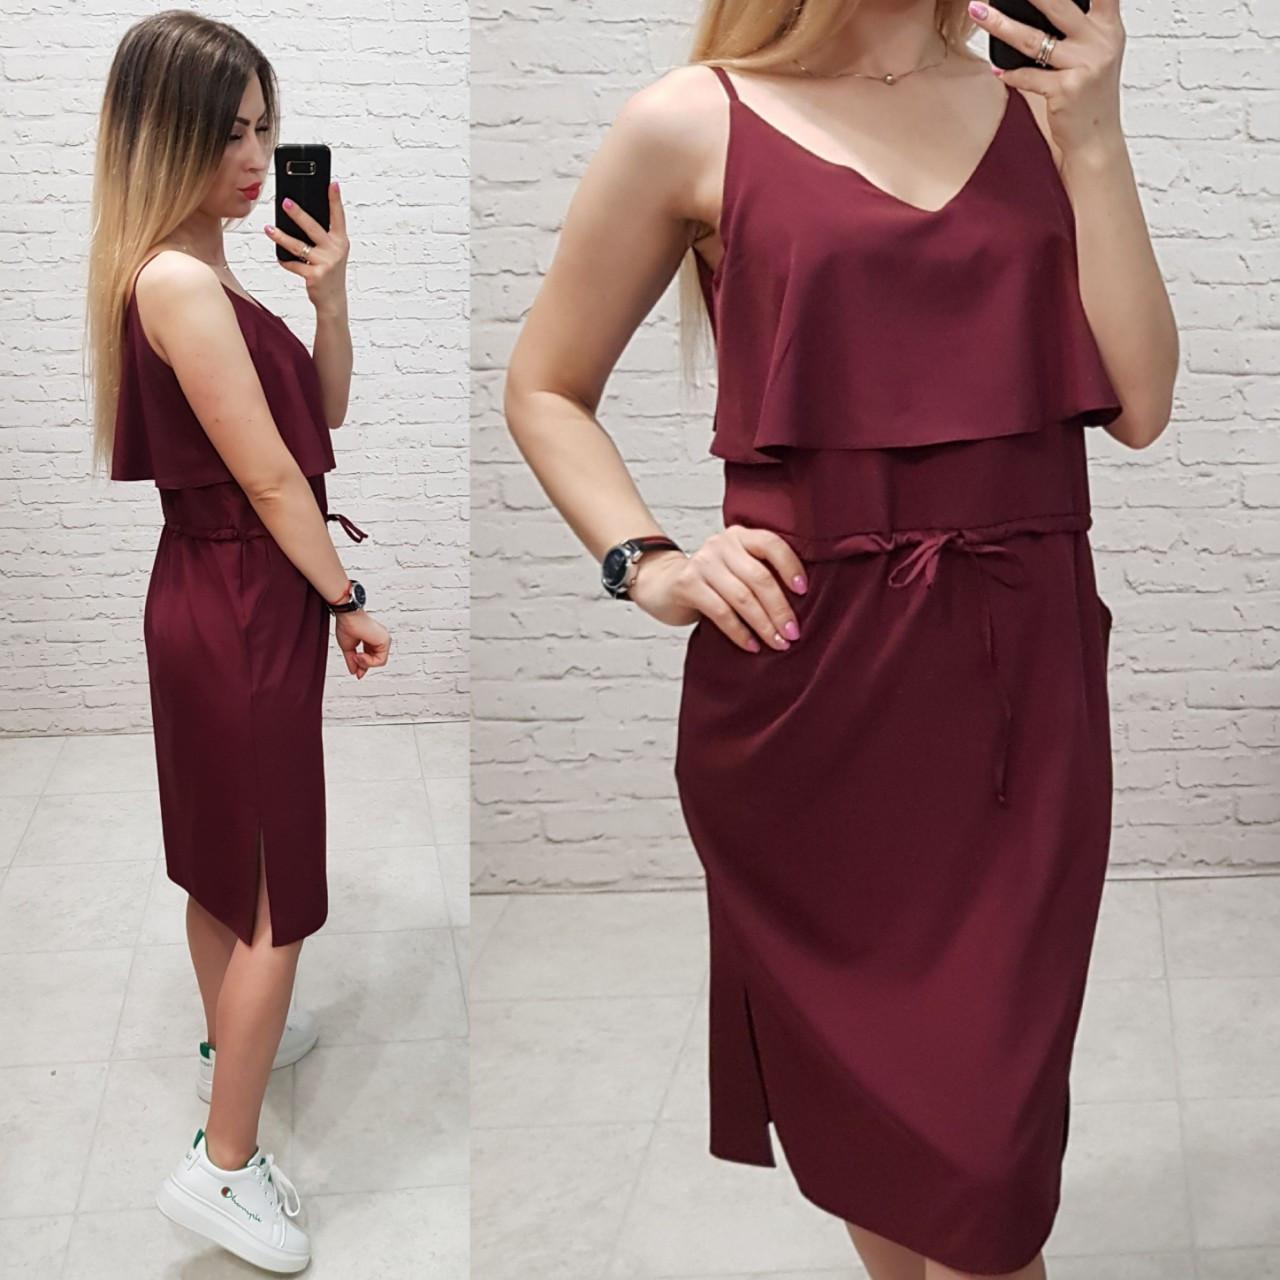 Сукня з воланом на грудях, арт 163, колір бордовий